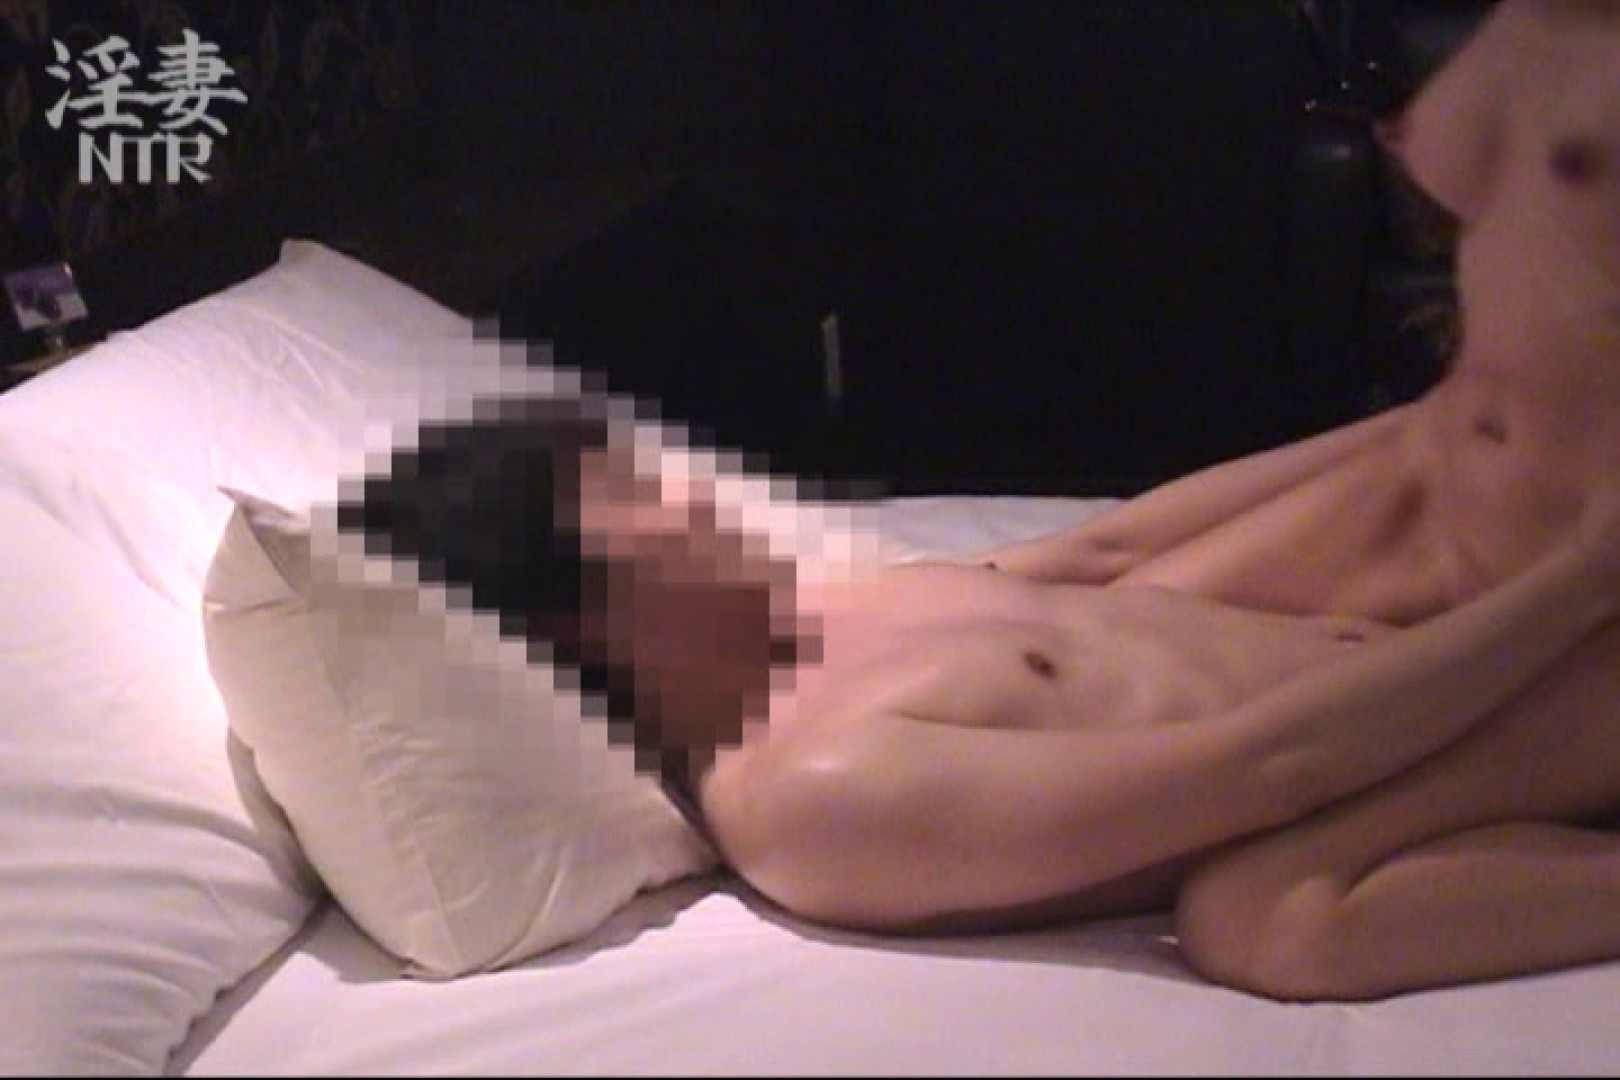 淫乱彩女 麻優里 28歳の単独男性の他人棒 2 淫乱 SEX無修正画像 71pic 38